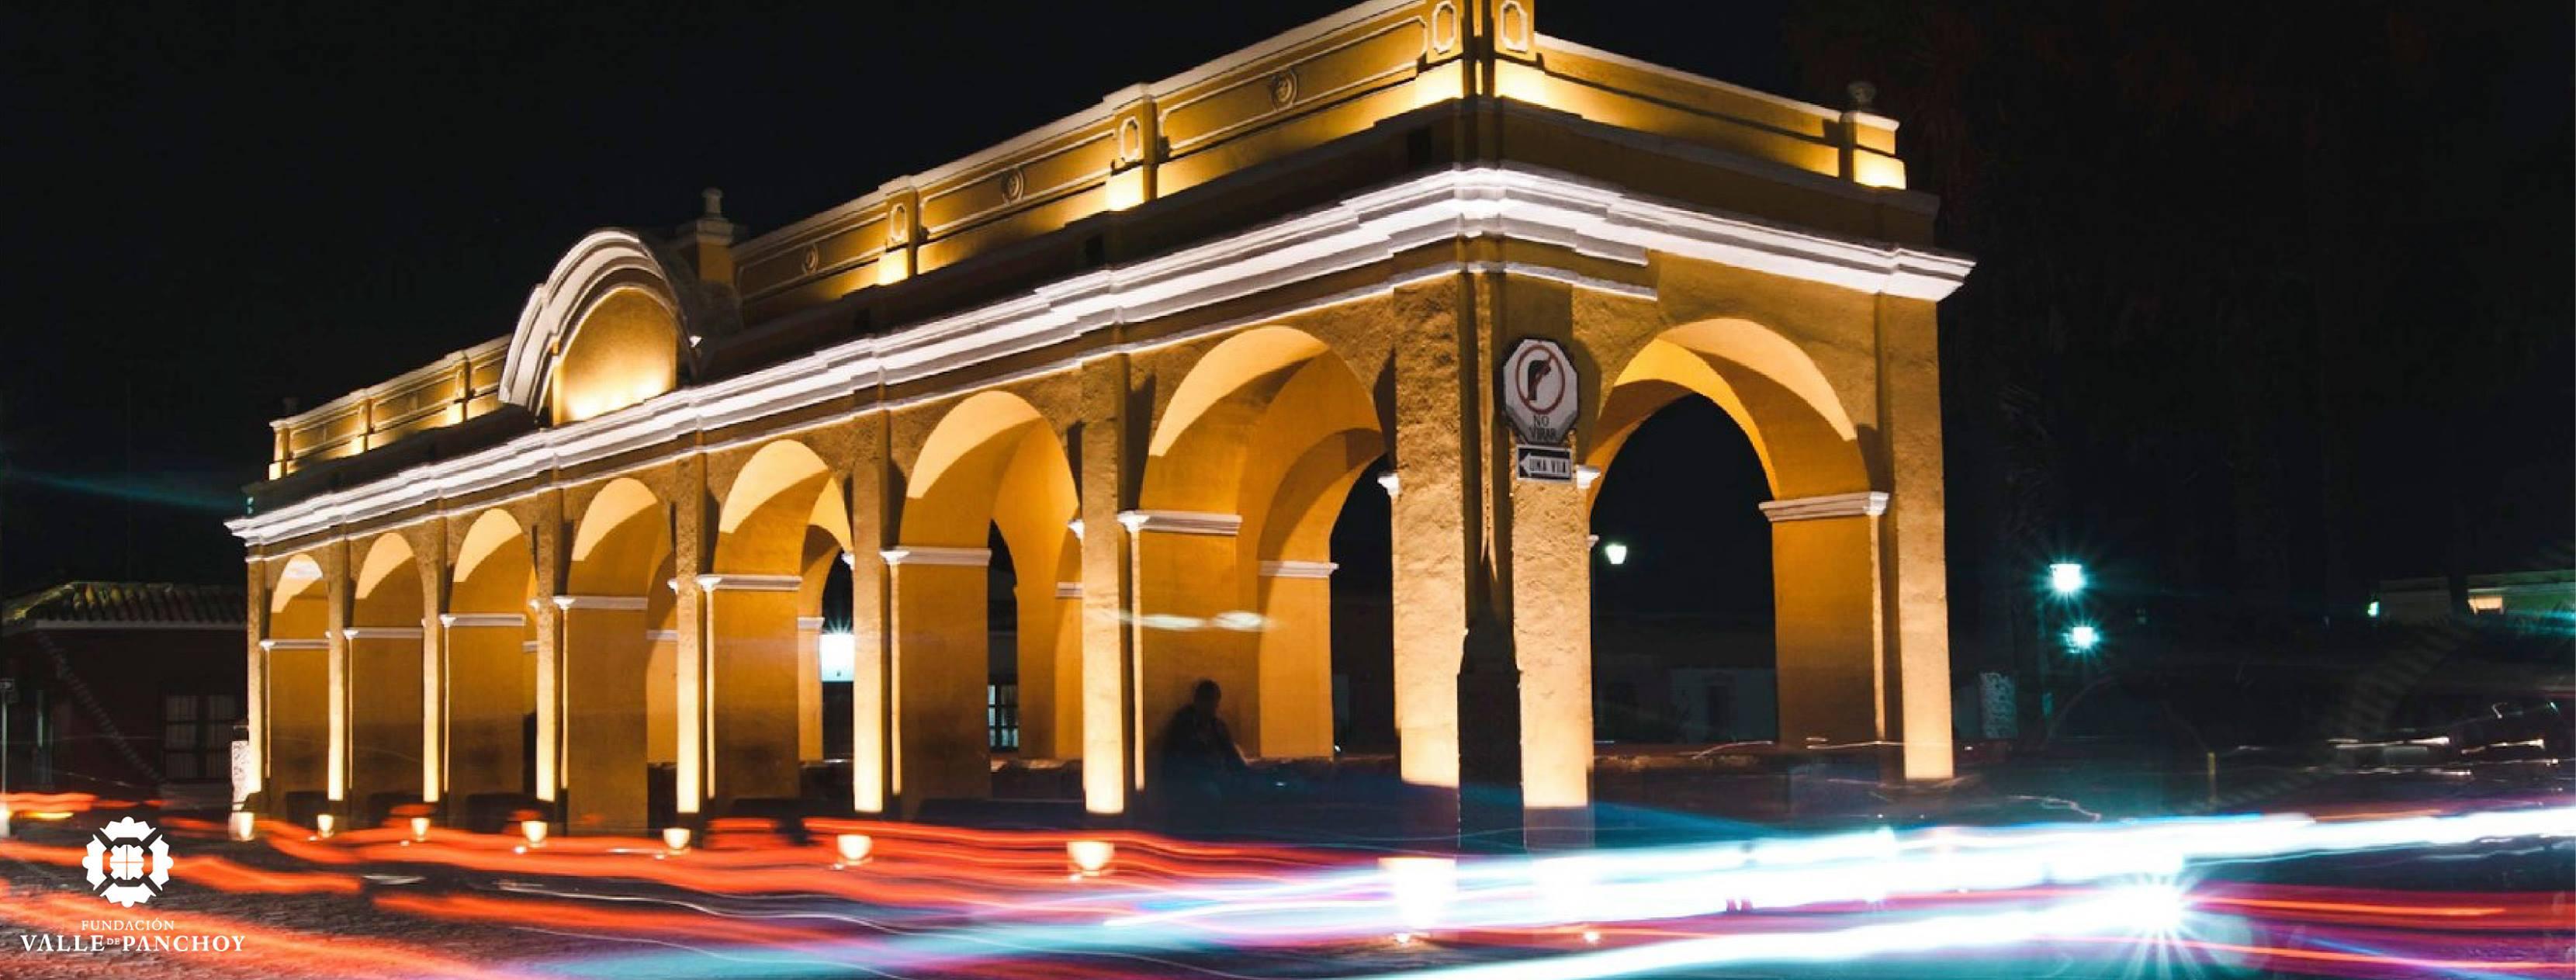 (Foto: Fundación Valle de Panchoy)